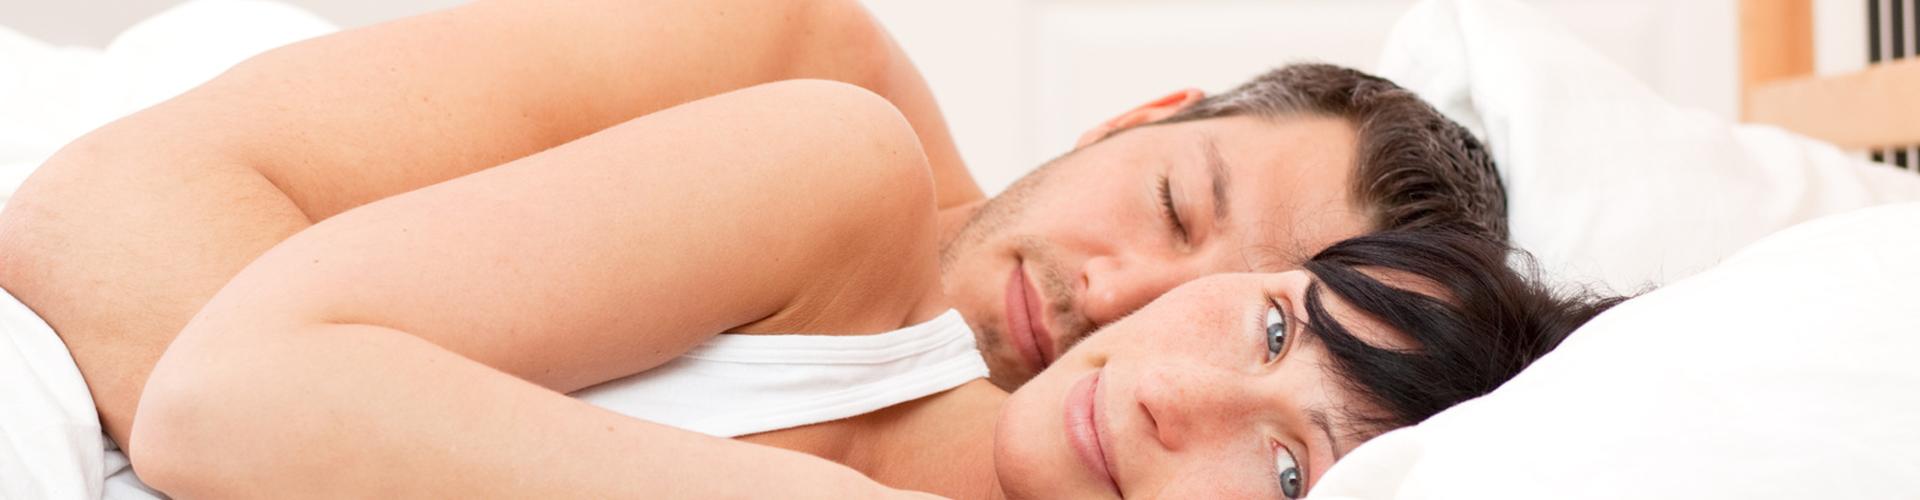 Entspanntes schlafen mit Betten von Nimmerland Schlafsysteme aus Krefeld